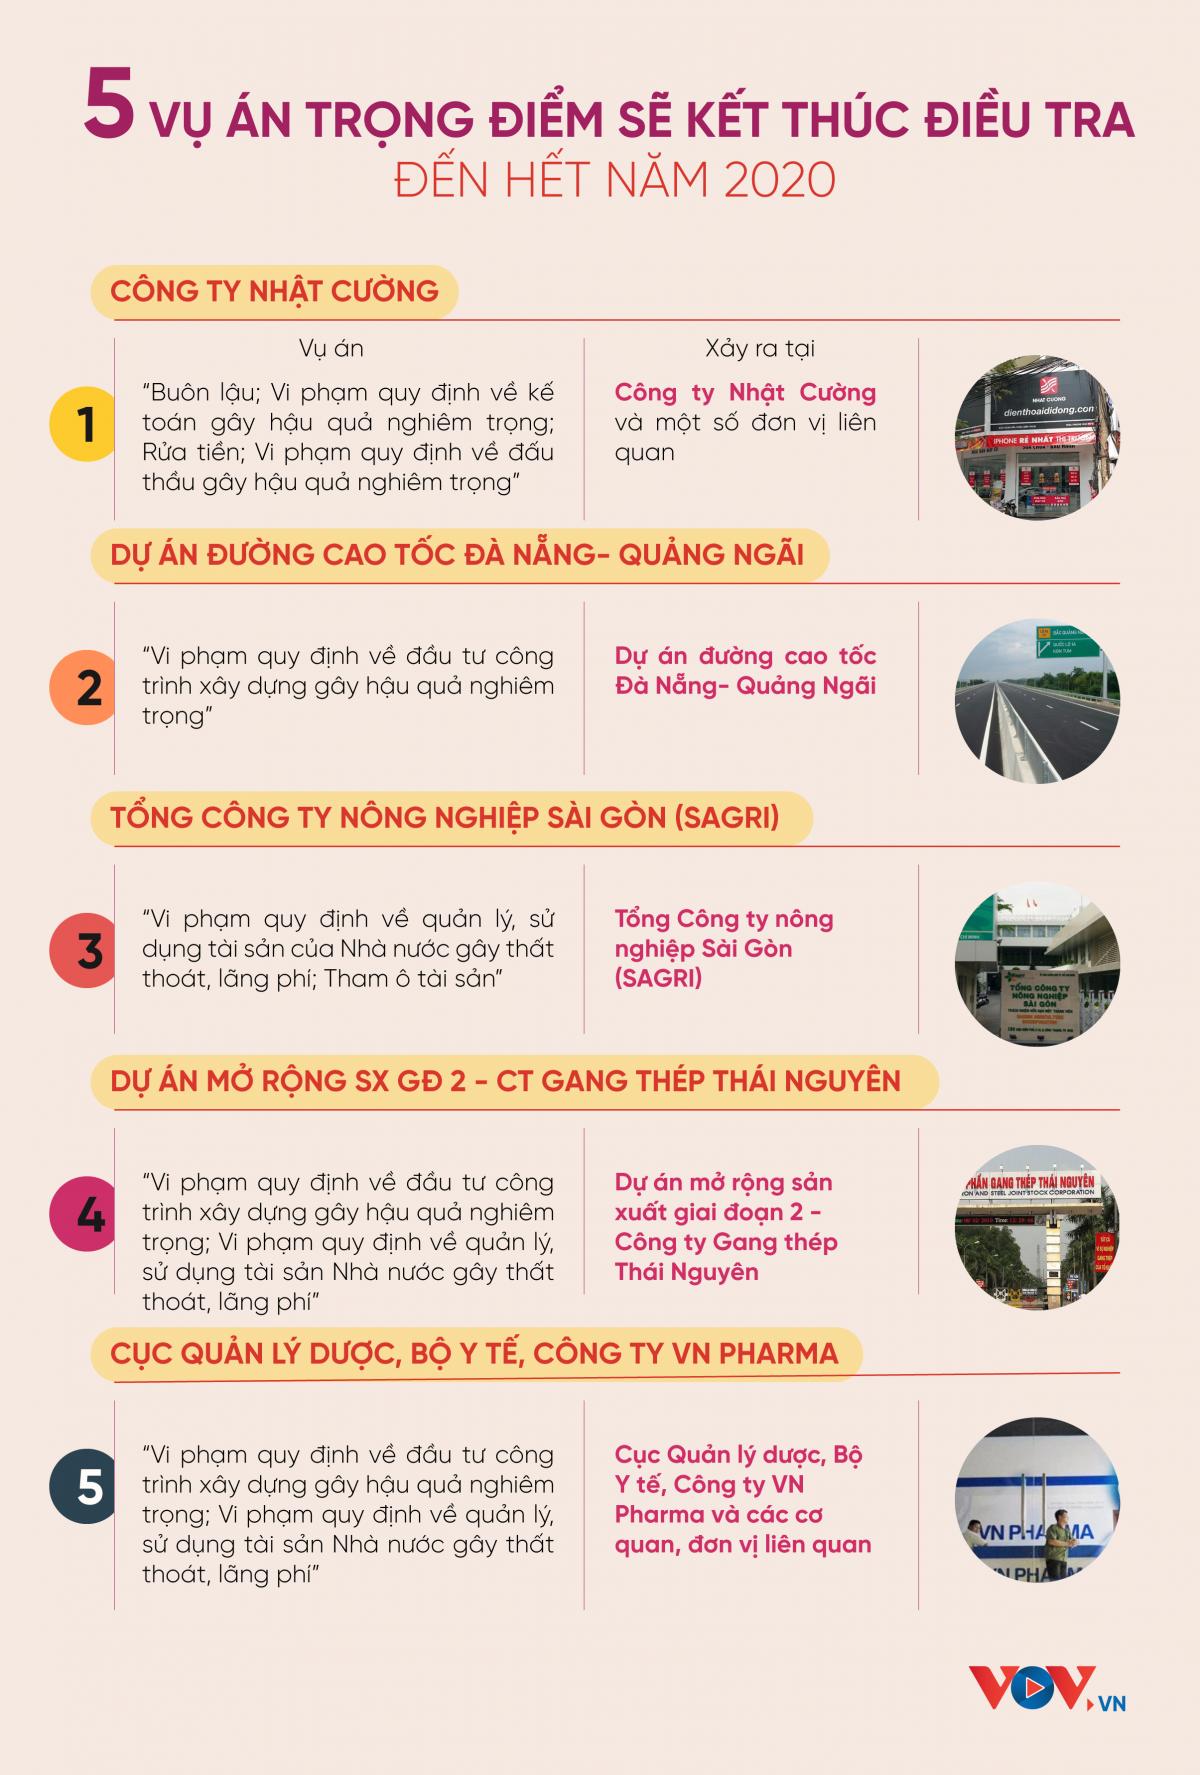 Infographics: 5 vụ án trọng điểm sẽ kết thúc điều tra trong năm 2020